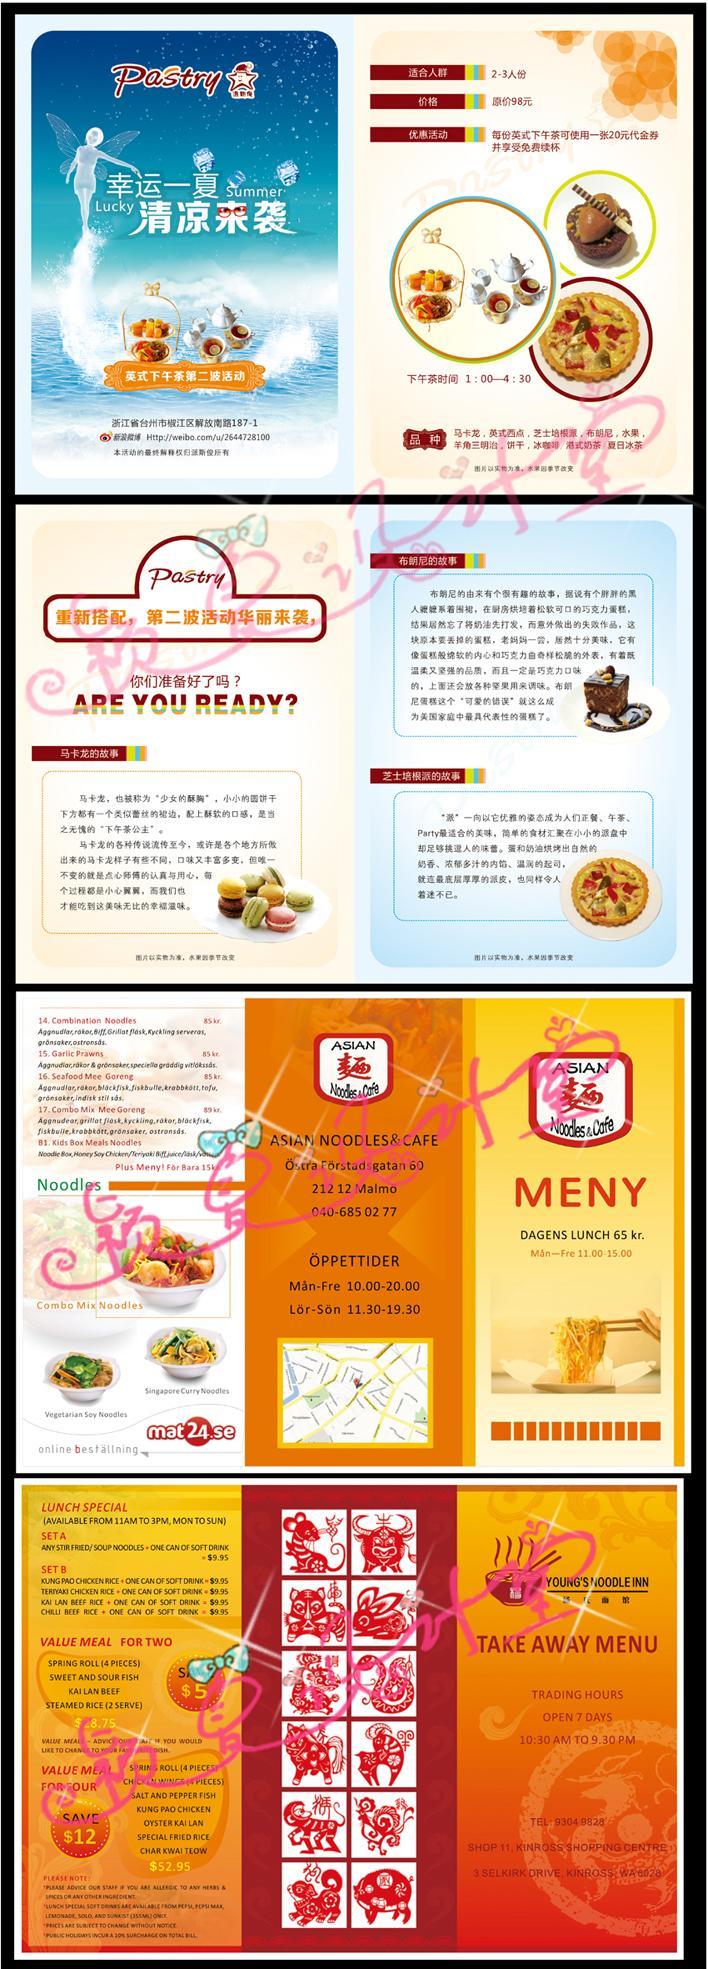 专业小吃/饮品菜单设计 星级酒店菜谱 中西餐厅菜单设计